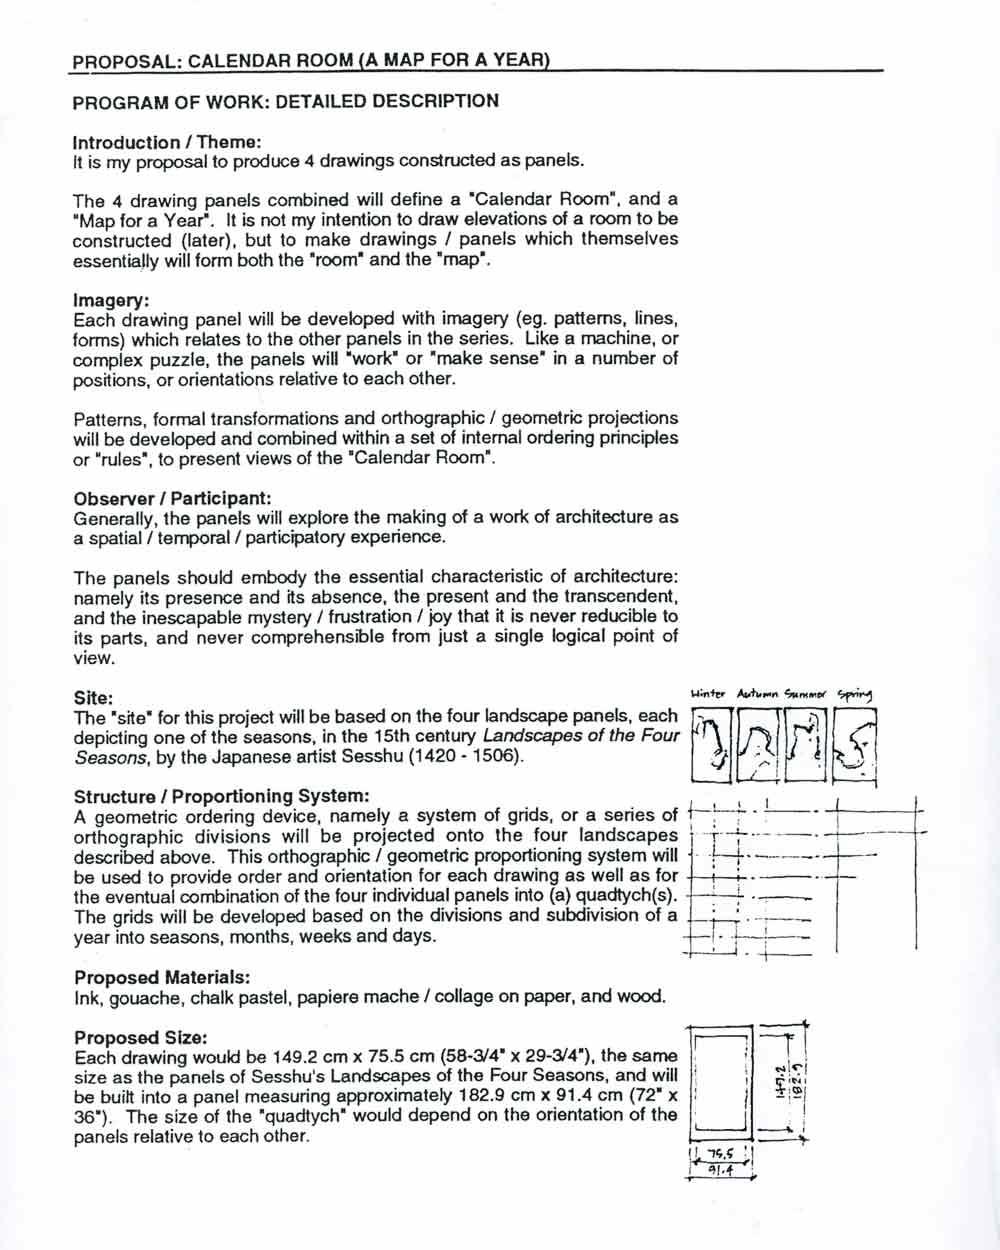 Proposal for Calendar Room, pg 1